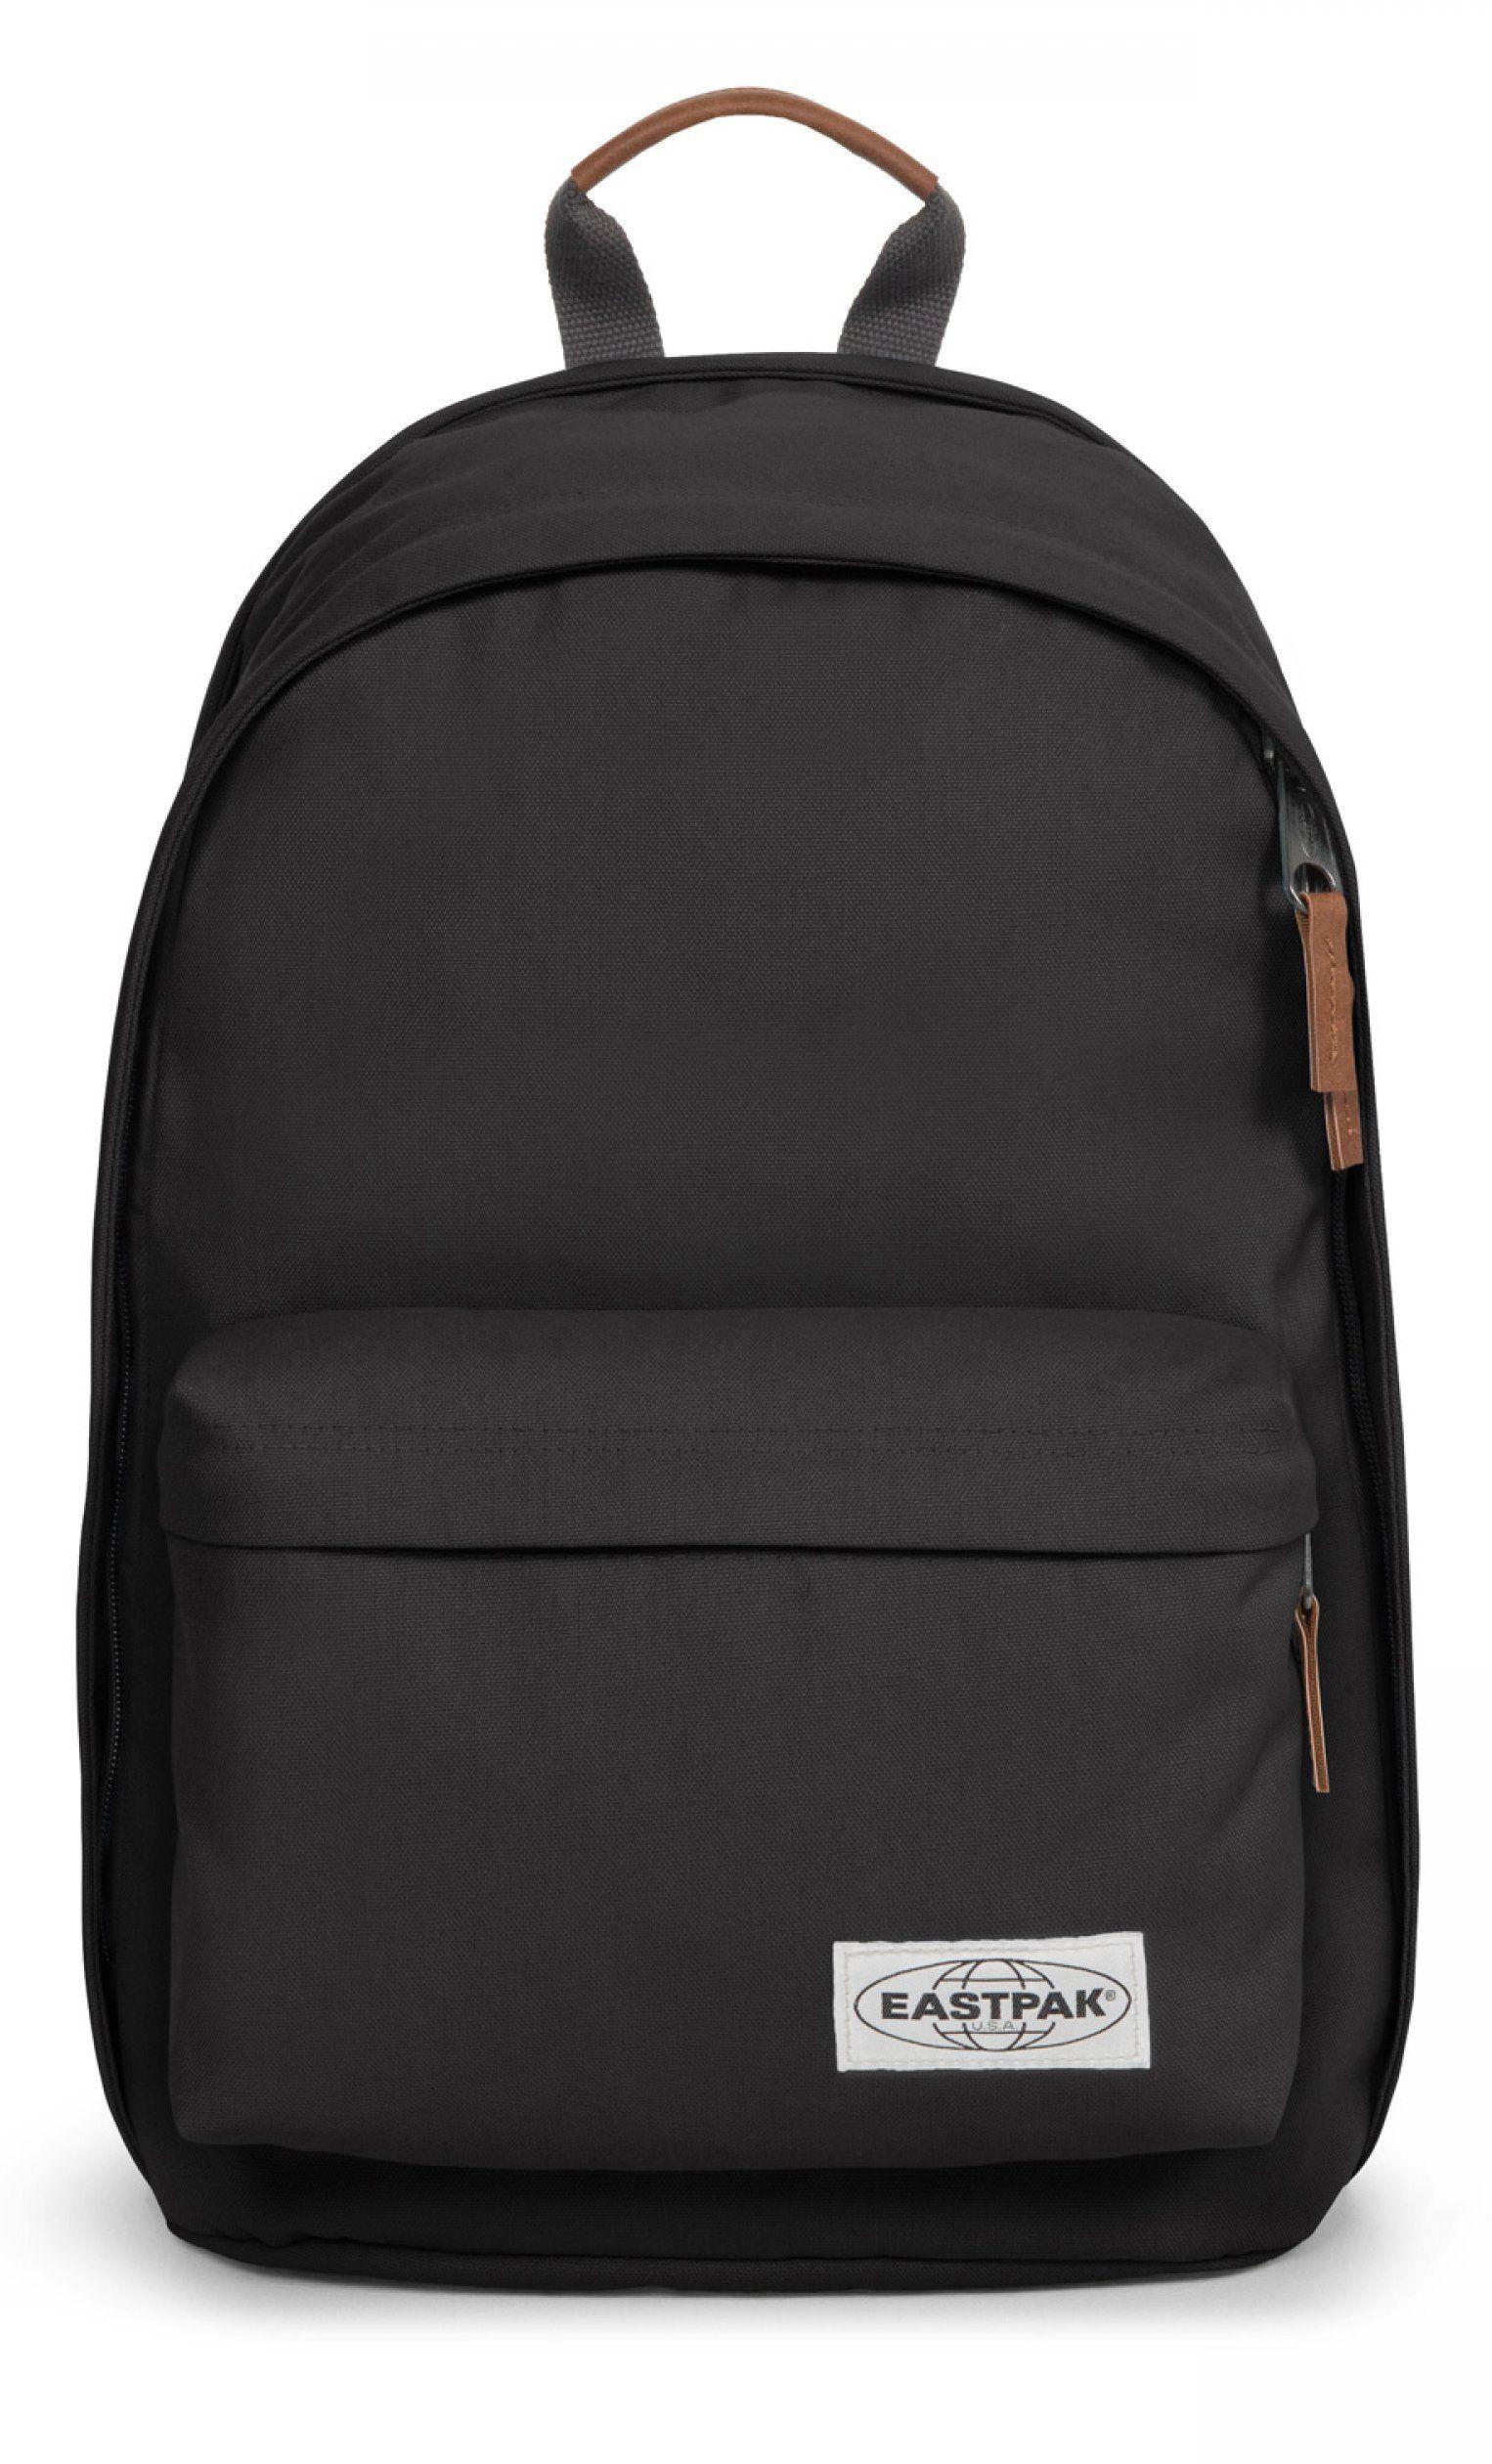 Eastpak Schulrucksack »BACK TO WORK graded black«